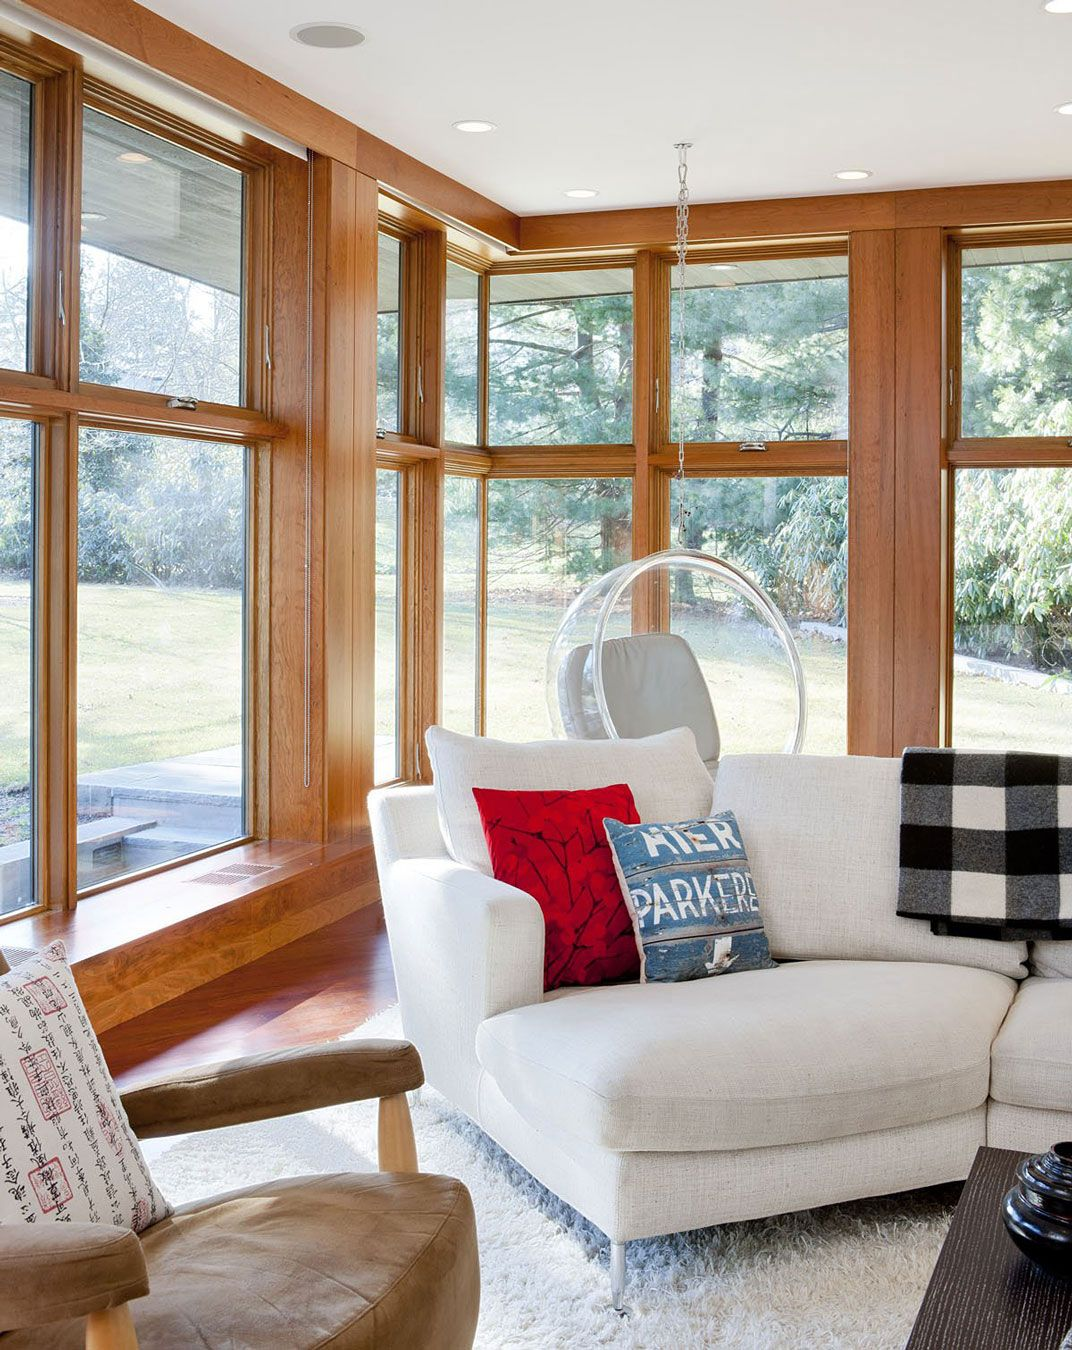 Eco Freundliche Haus Mit Modernem Design Wenn Sie sind